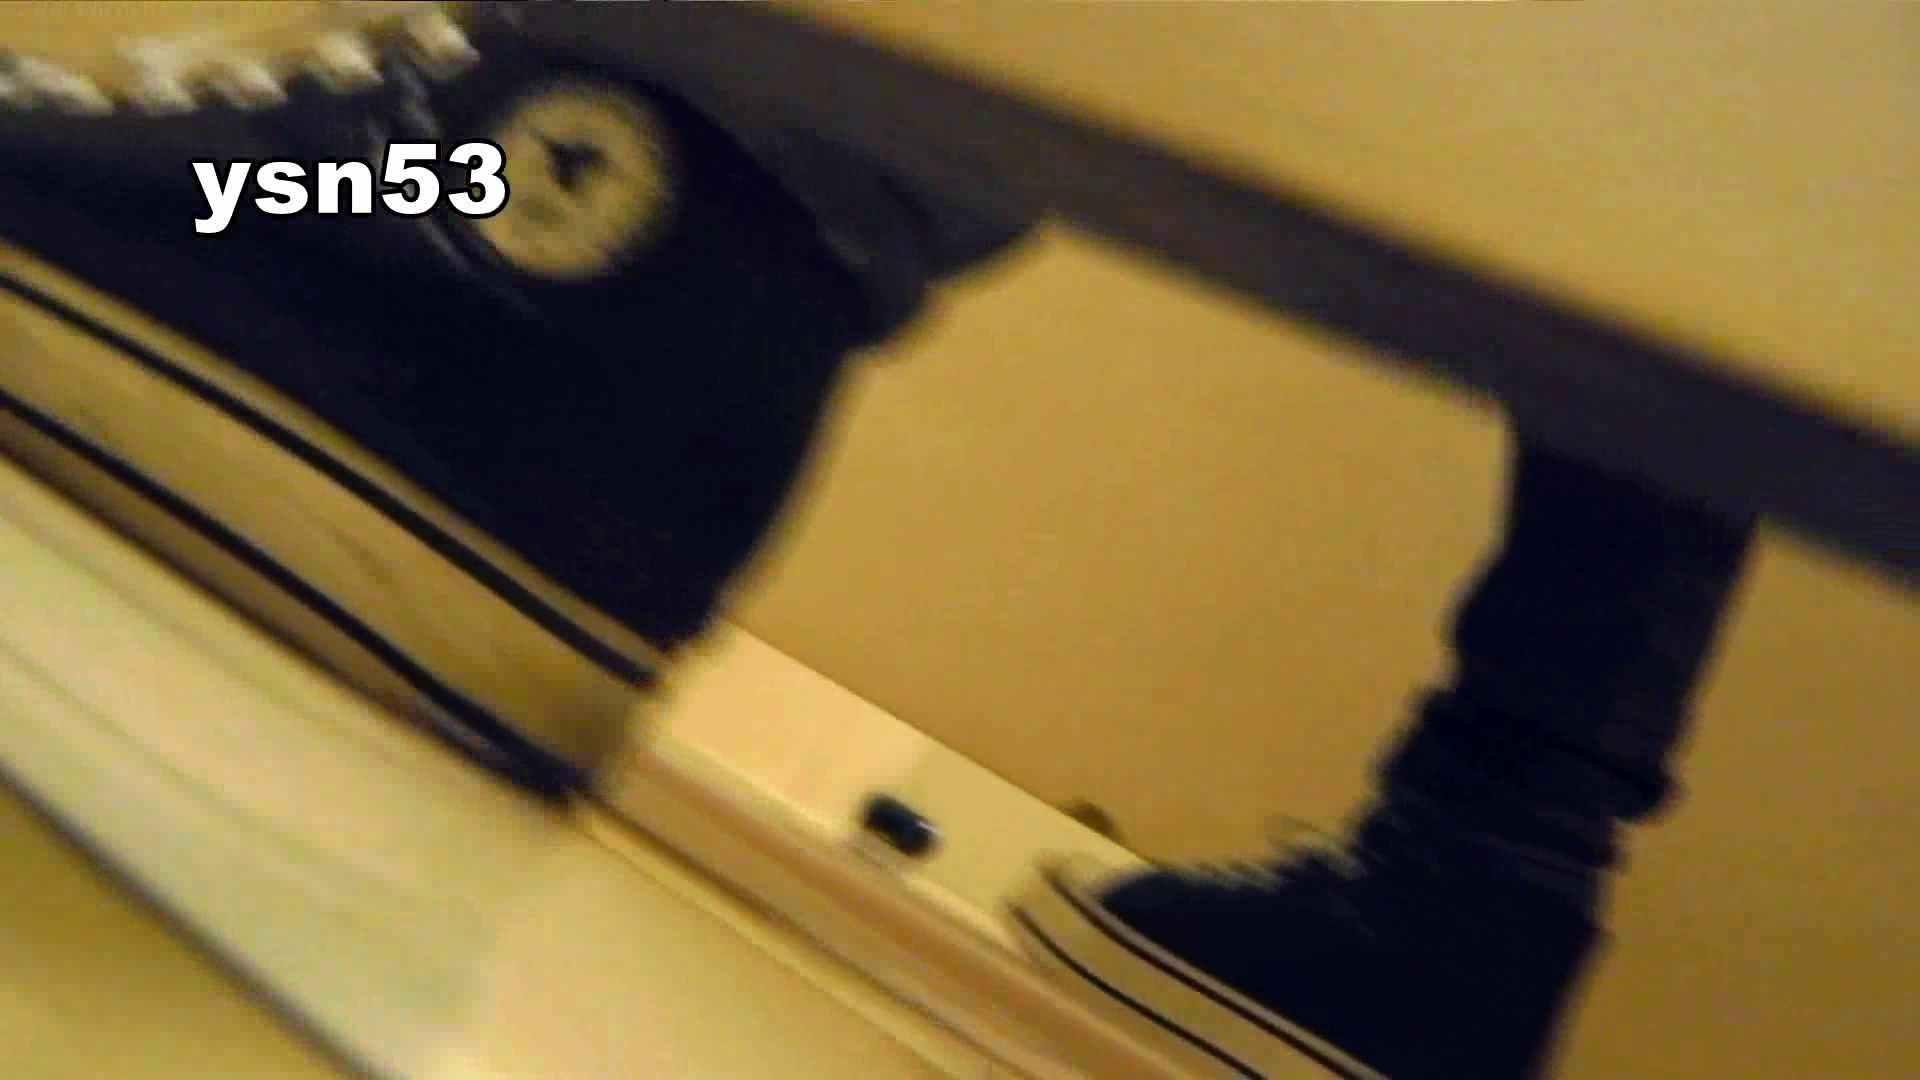 世界の射窓から vol.53 Yellowさん 丸見えマンコ   洗面所  20画像 19